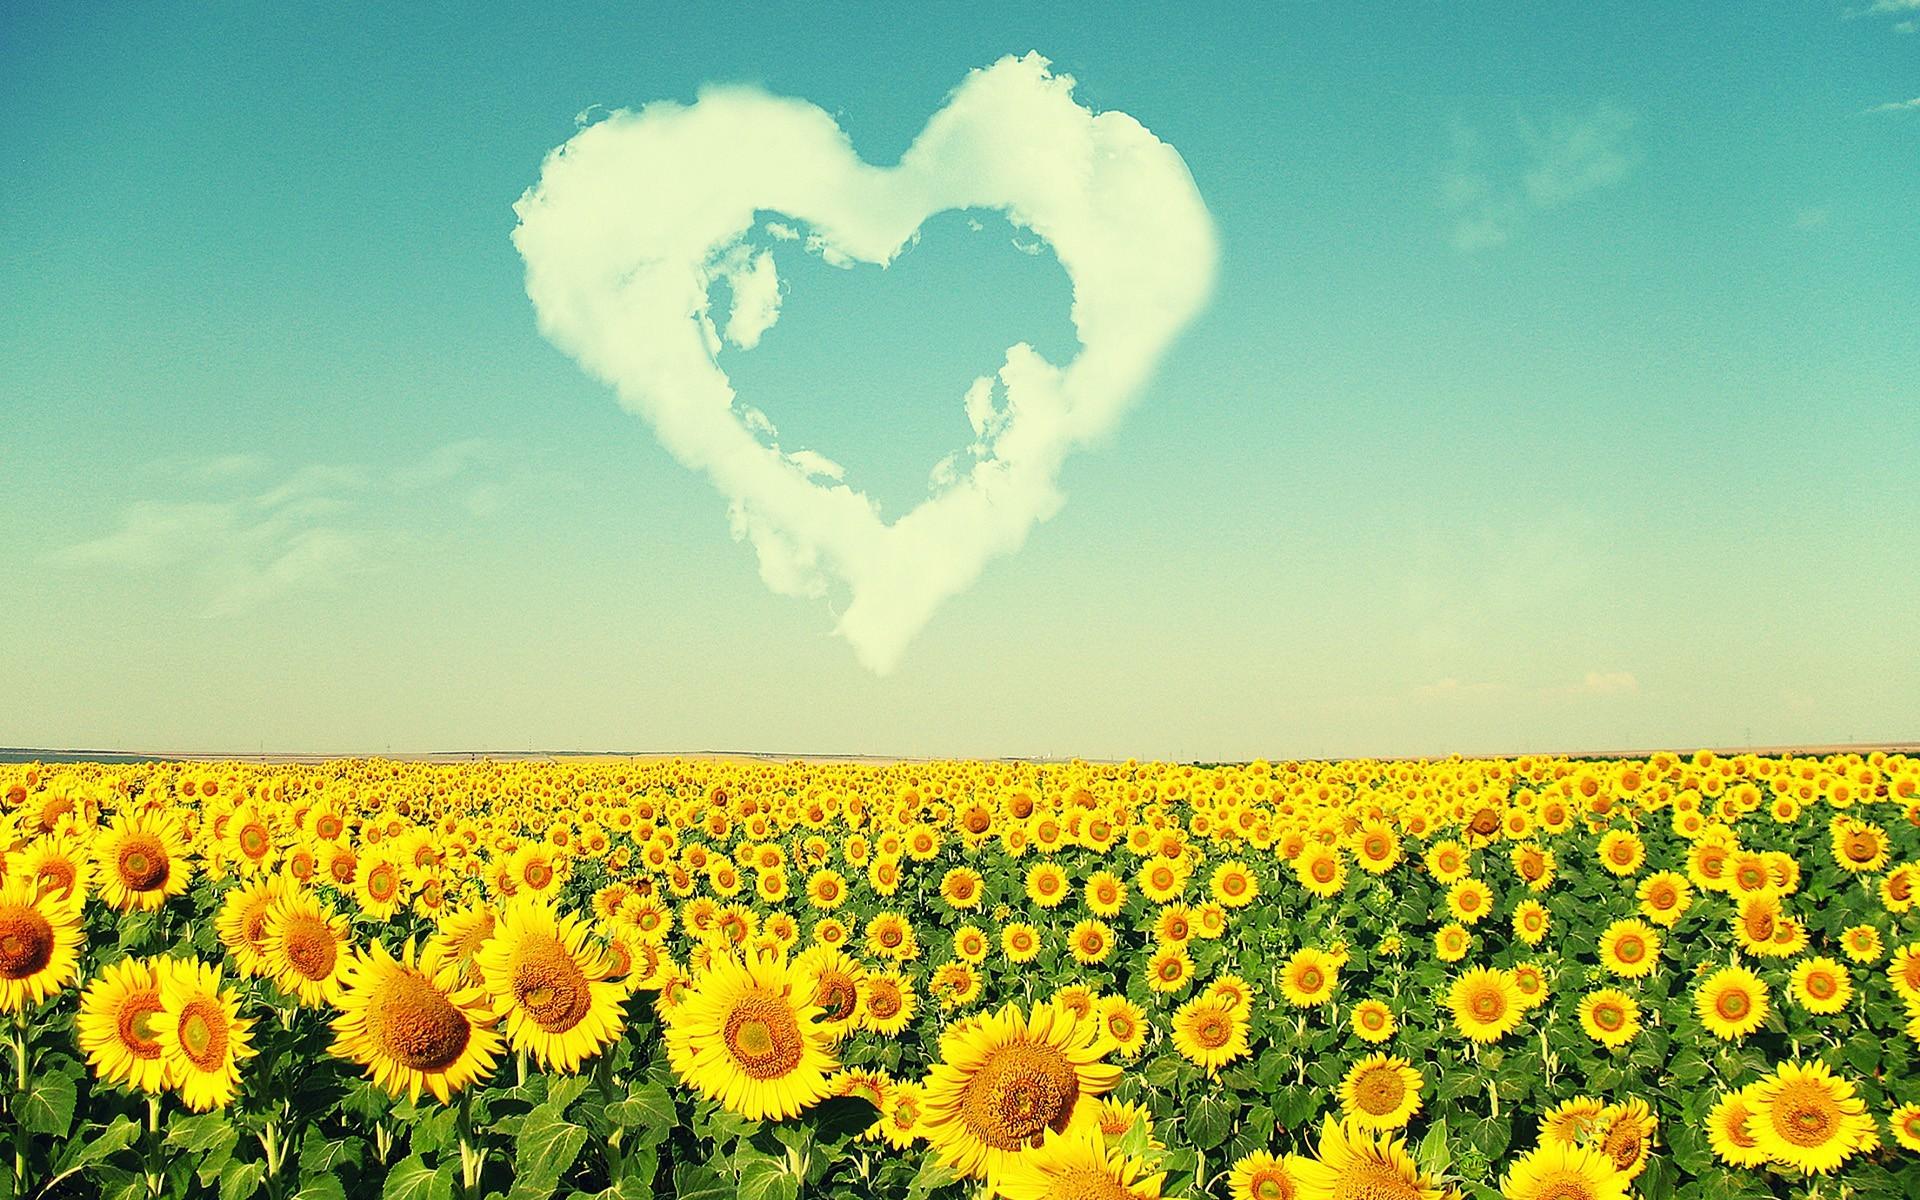 Sunflower Wallpaper Desktop 67 Pictures